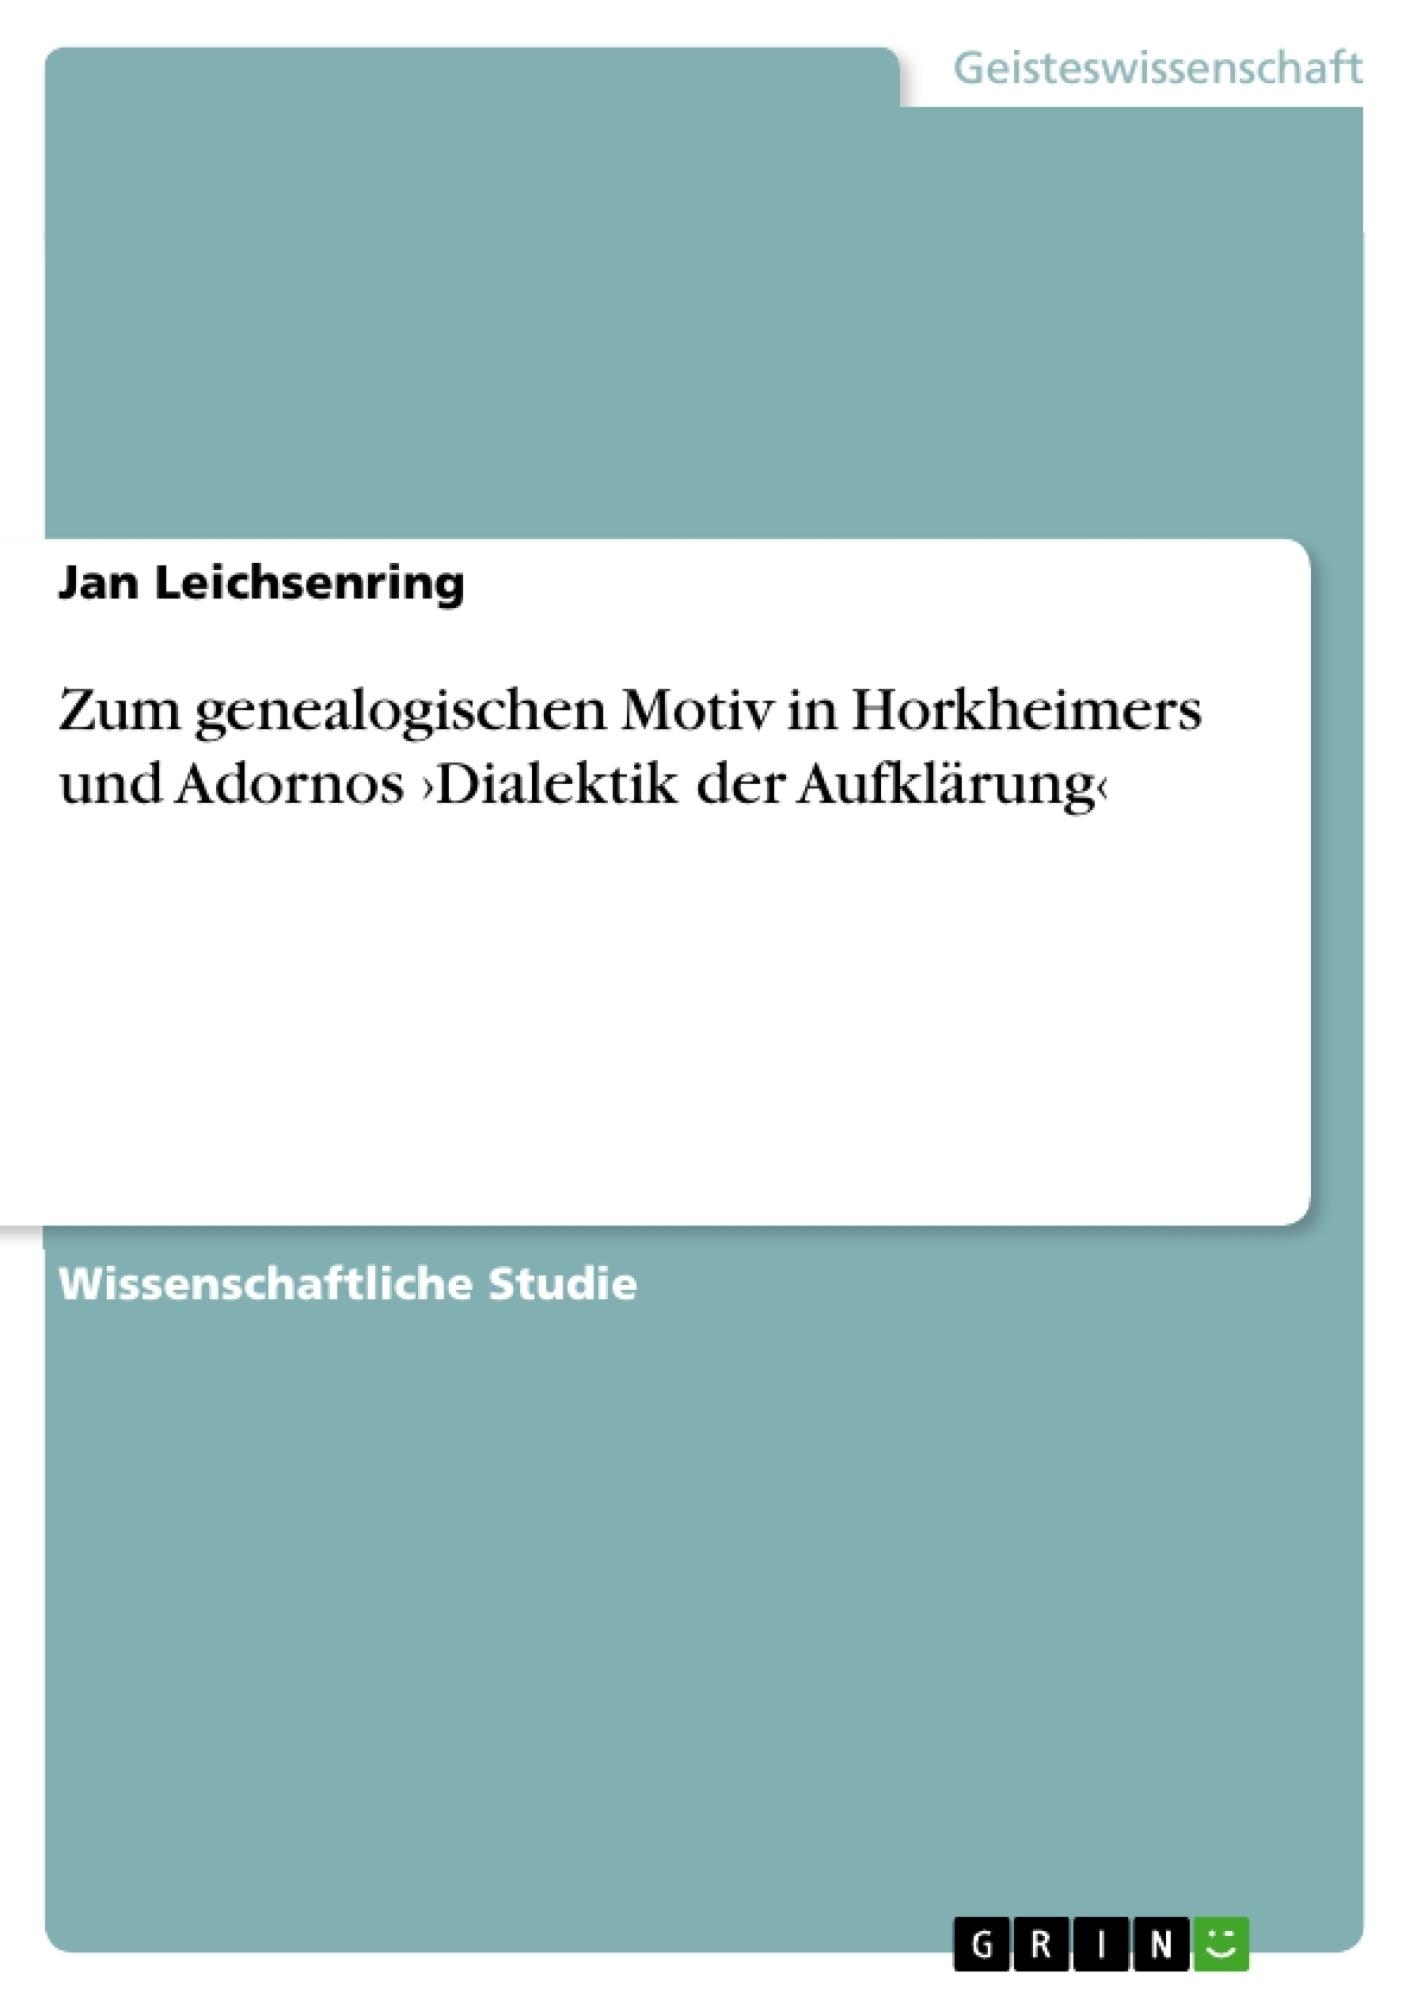 Titel: Zum genealogischen Motiv in Horkheimers und Adornos ›Dialektik der Aufklärung‹